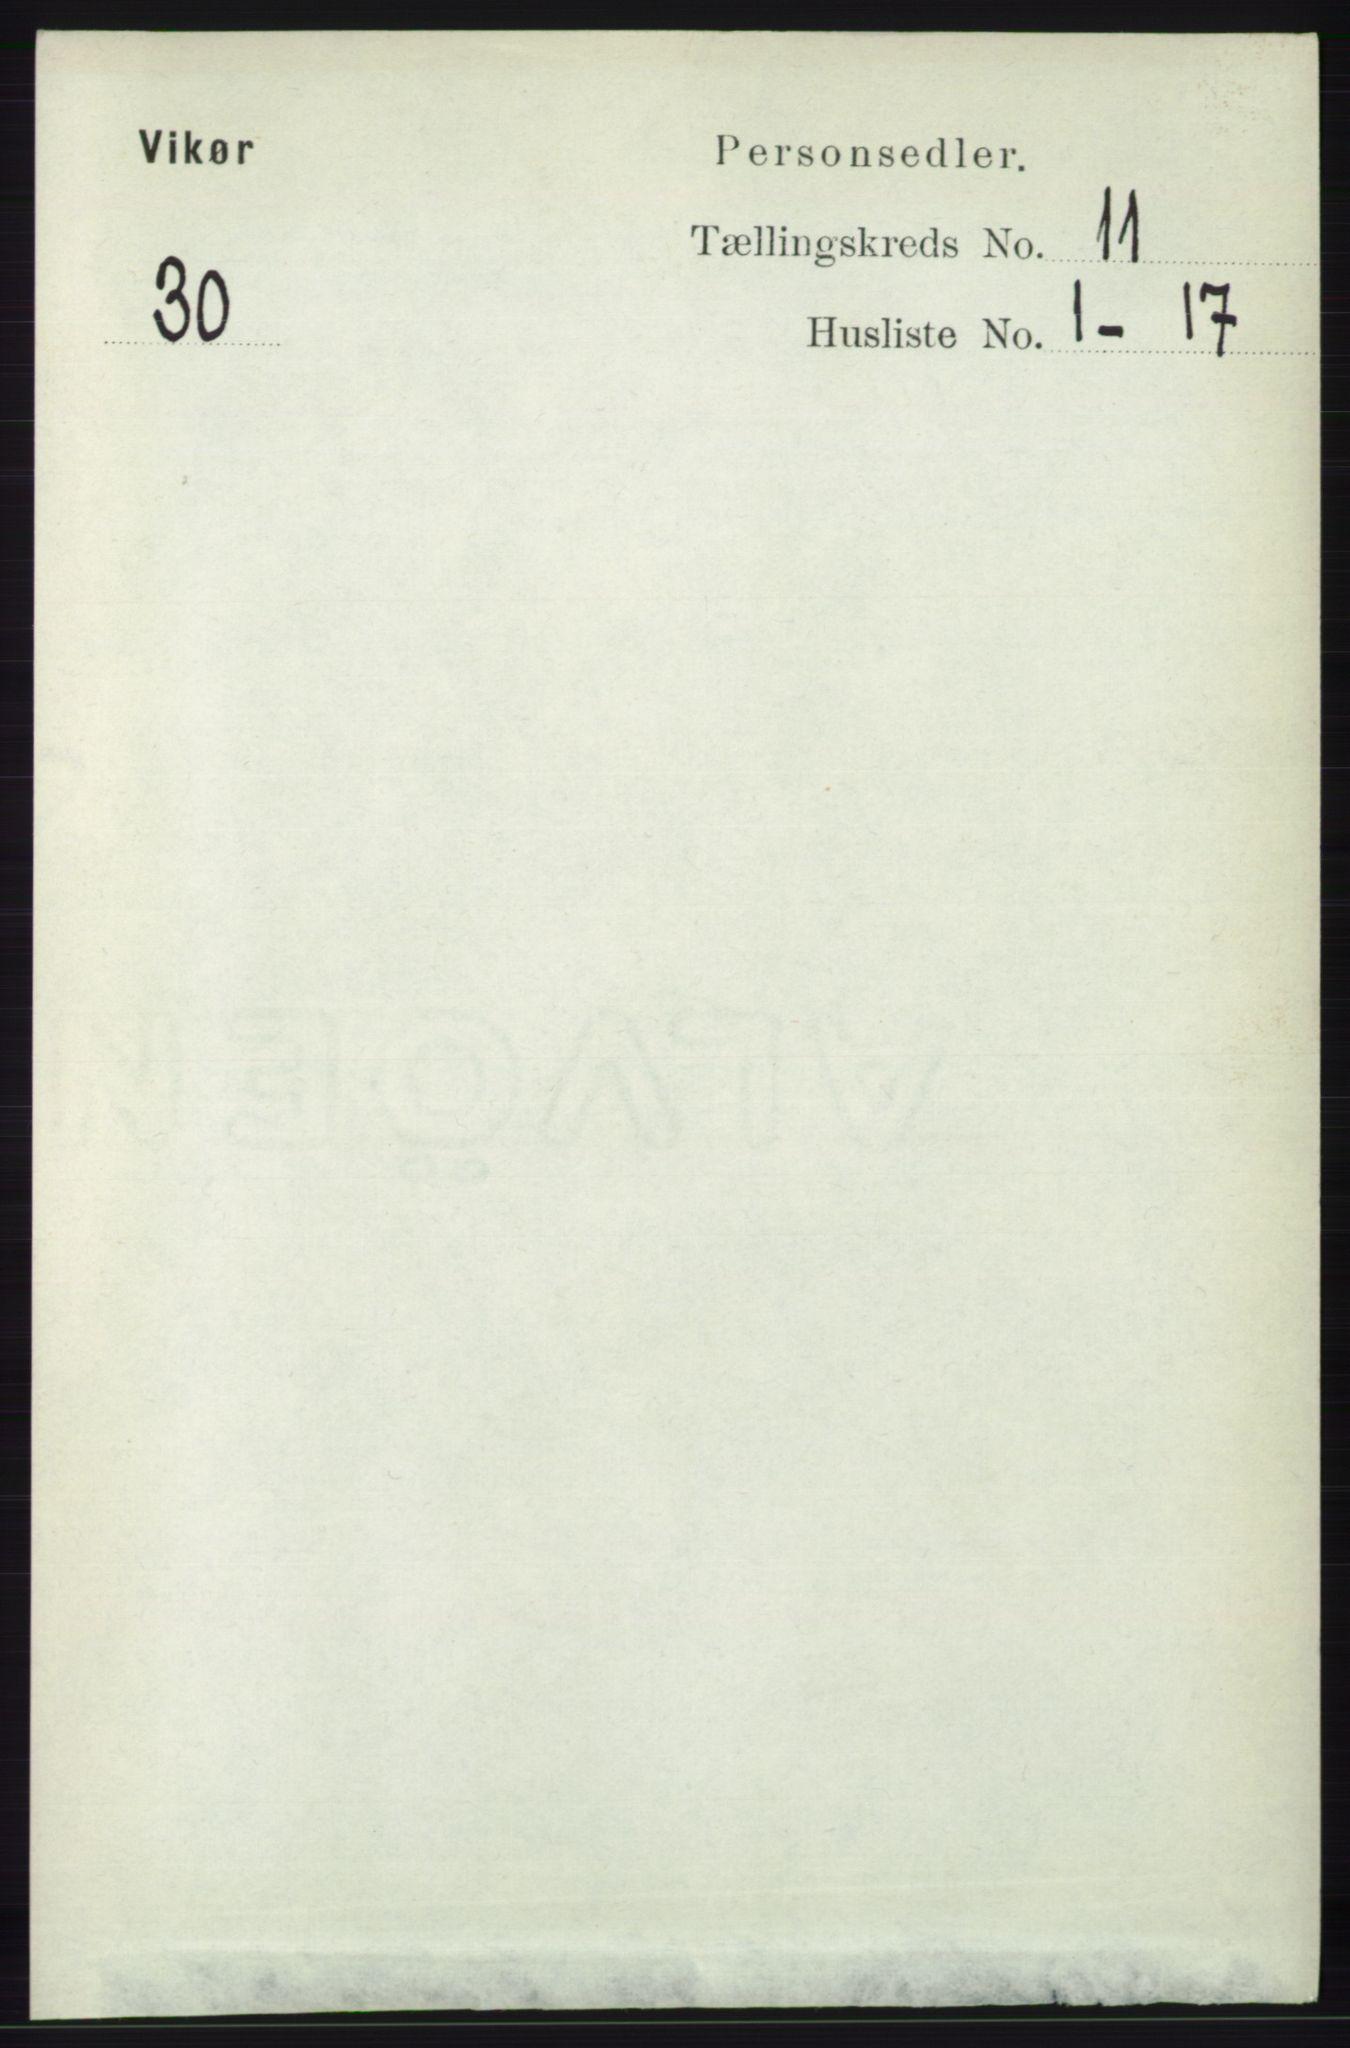 RA, Folketelling 1891 for 1238 Vikør herred, 1891, s. 3145